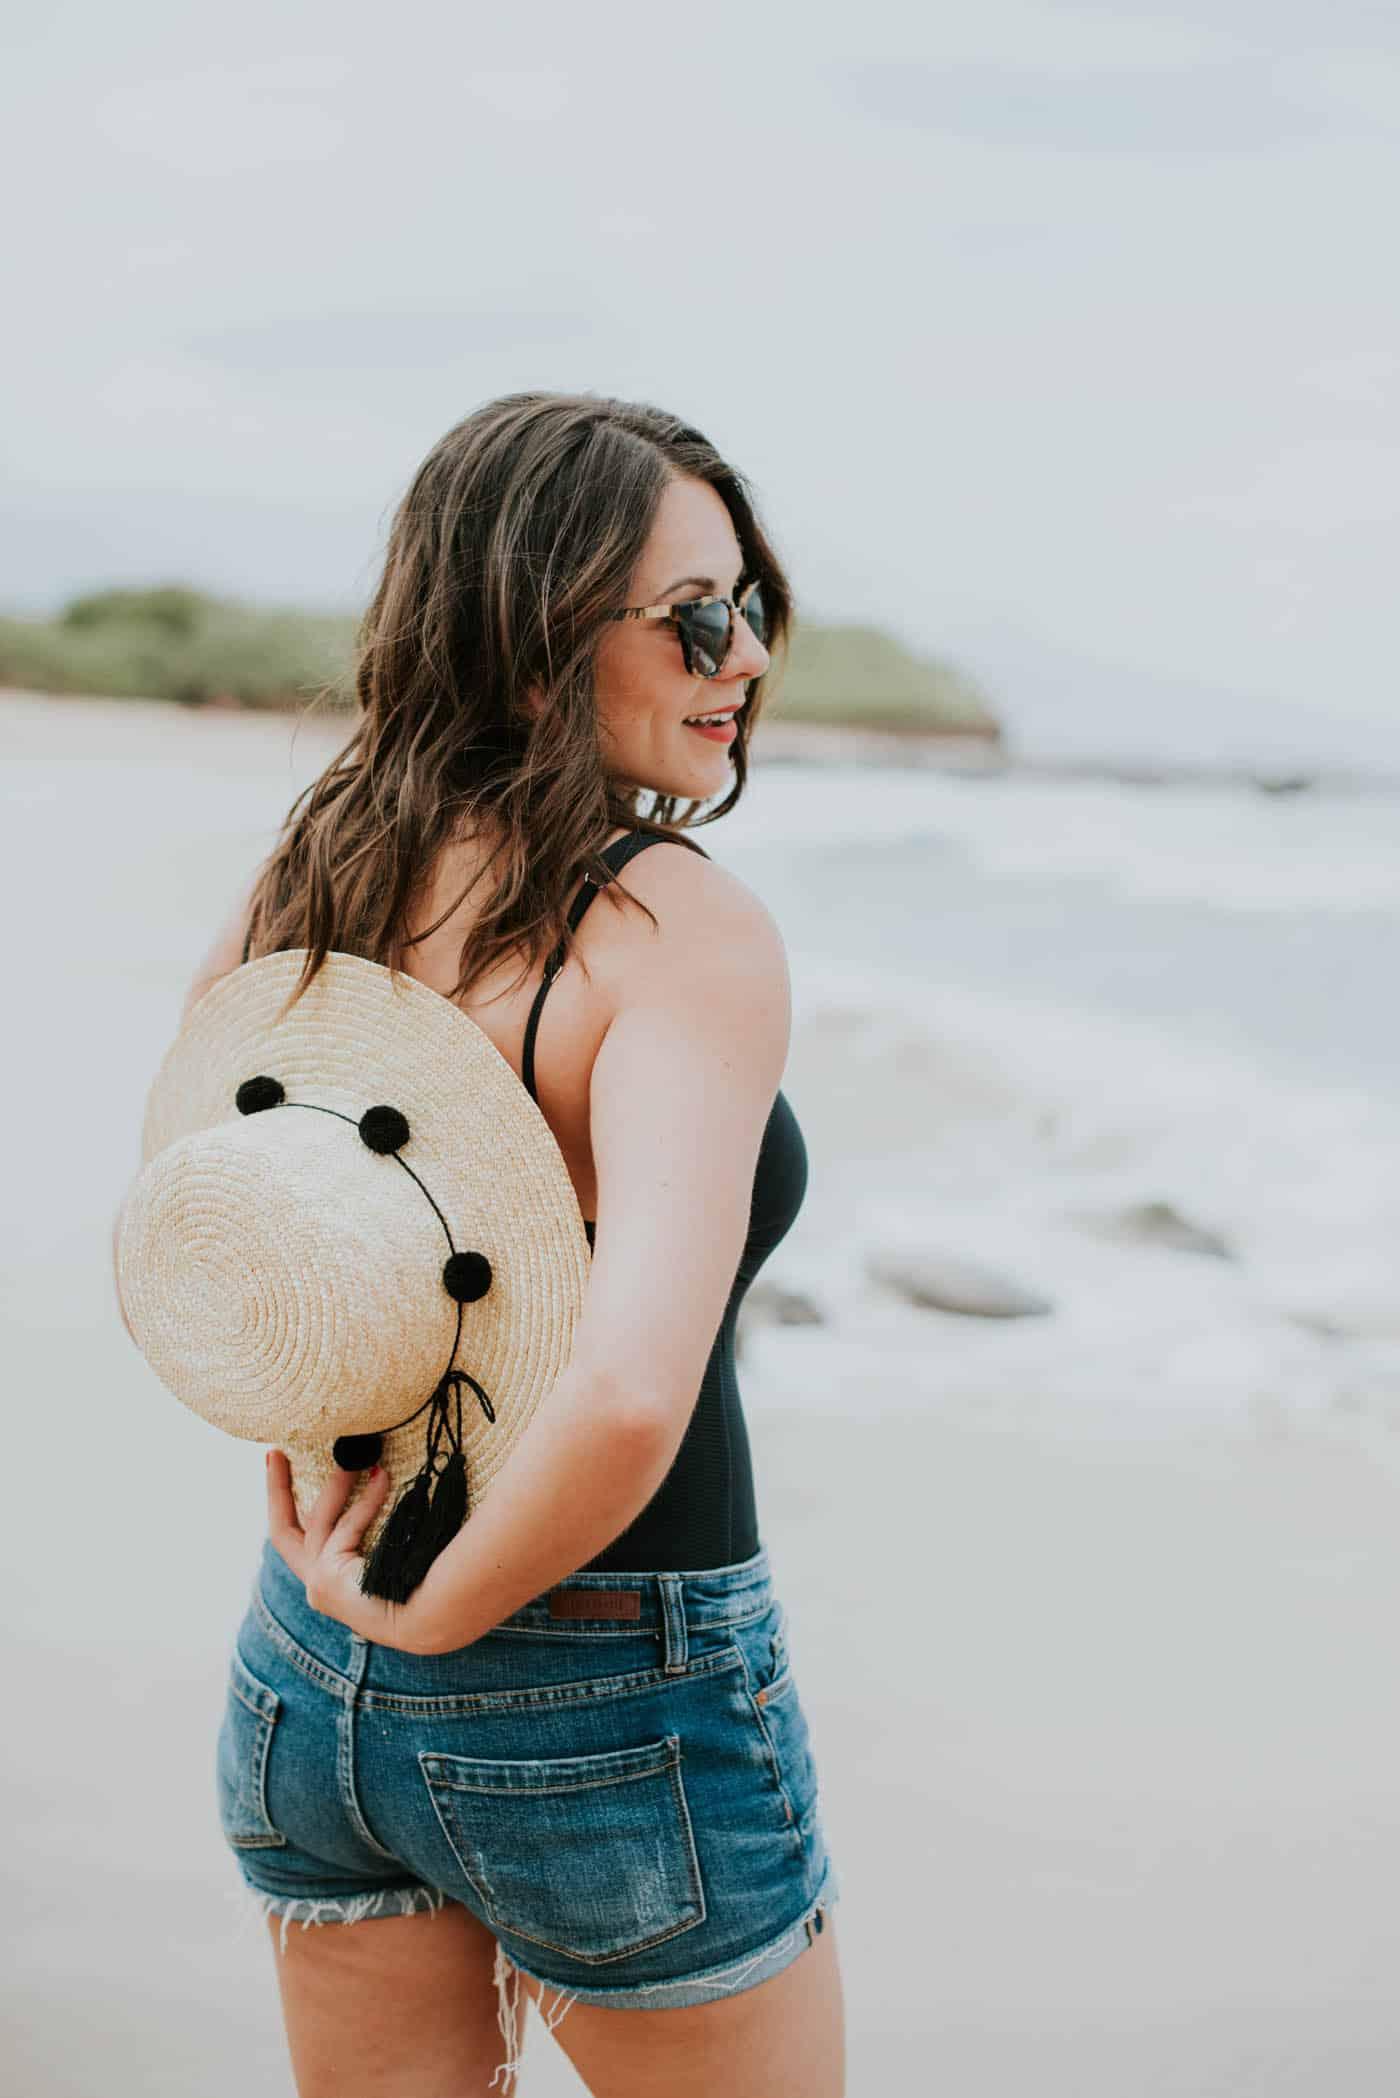 black swimsuit, hawaii beach, vacation style - My Style Vita @mystylevita